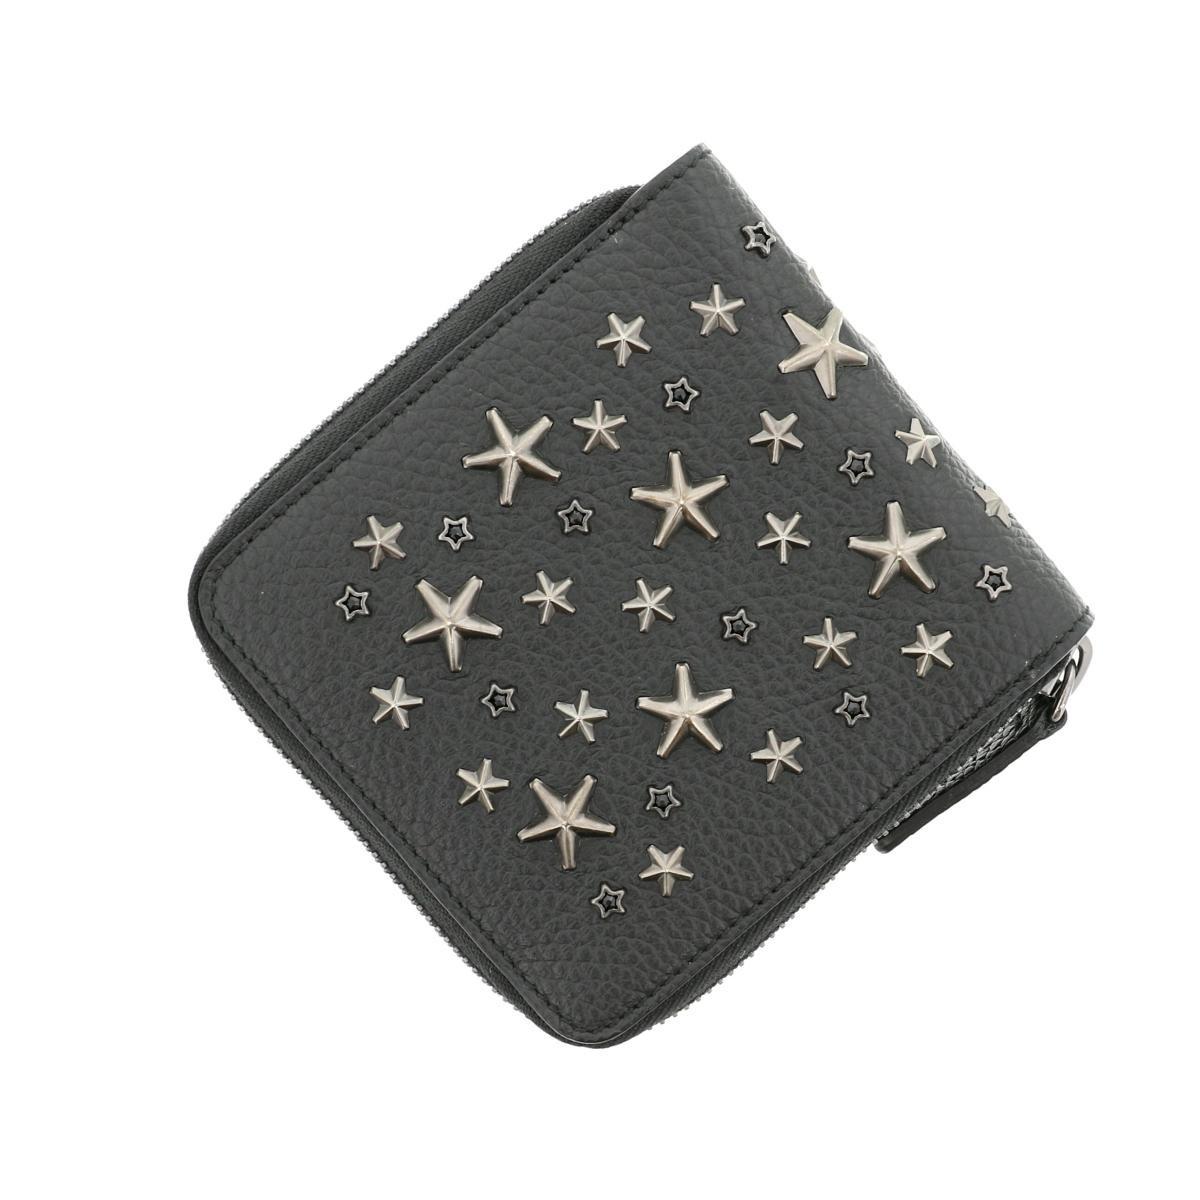 【中古】JIMMY CHOO ジミーチュー TESSA ミディアム ウォレット 財布 二つ折り財布(小銭入有)  Black/ブラック コンパクトウォレット 星 スタッズ スター  used:A